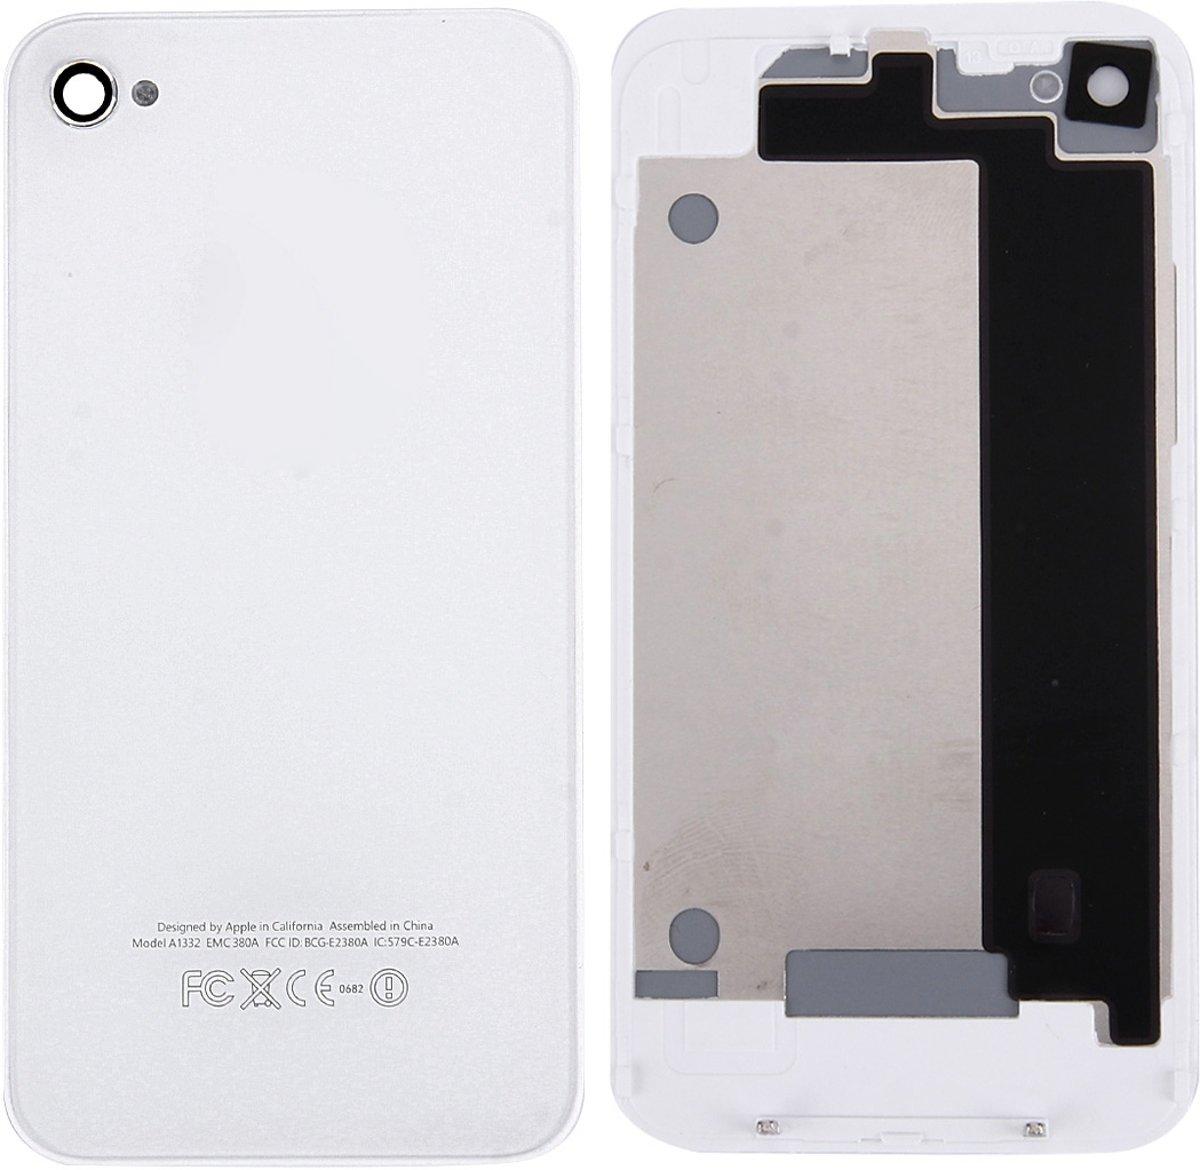 Glas Achterkant voor iPhone 4 (wit) kopen